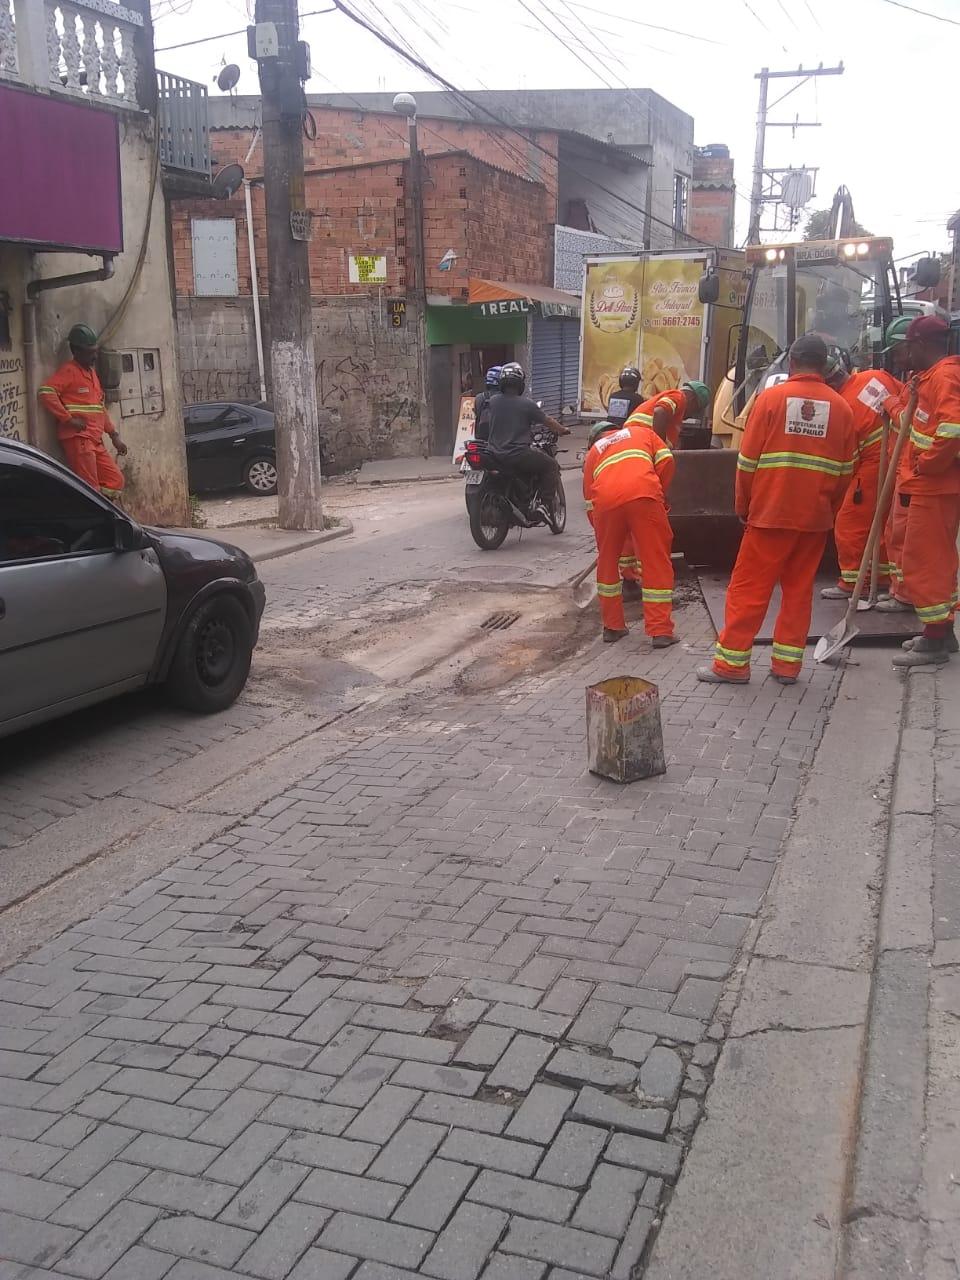 #PraCegoVer - Trabalhadores da Subprefeitura cavam a via para consertar a galeria. No meio do local em escavação, há uma grelha de escoamento. O piso é todo de blocos intertravados.